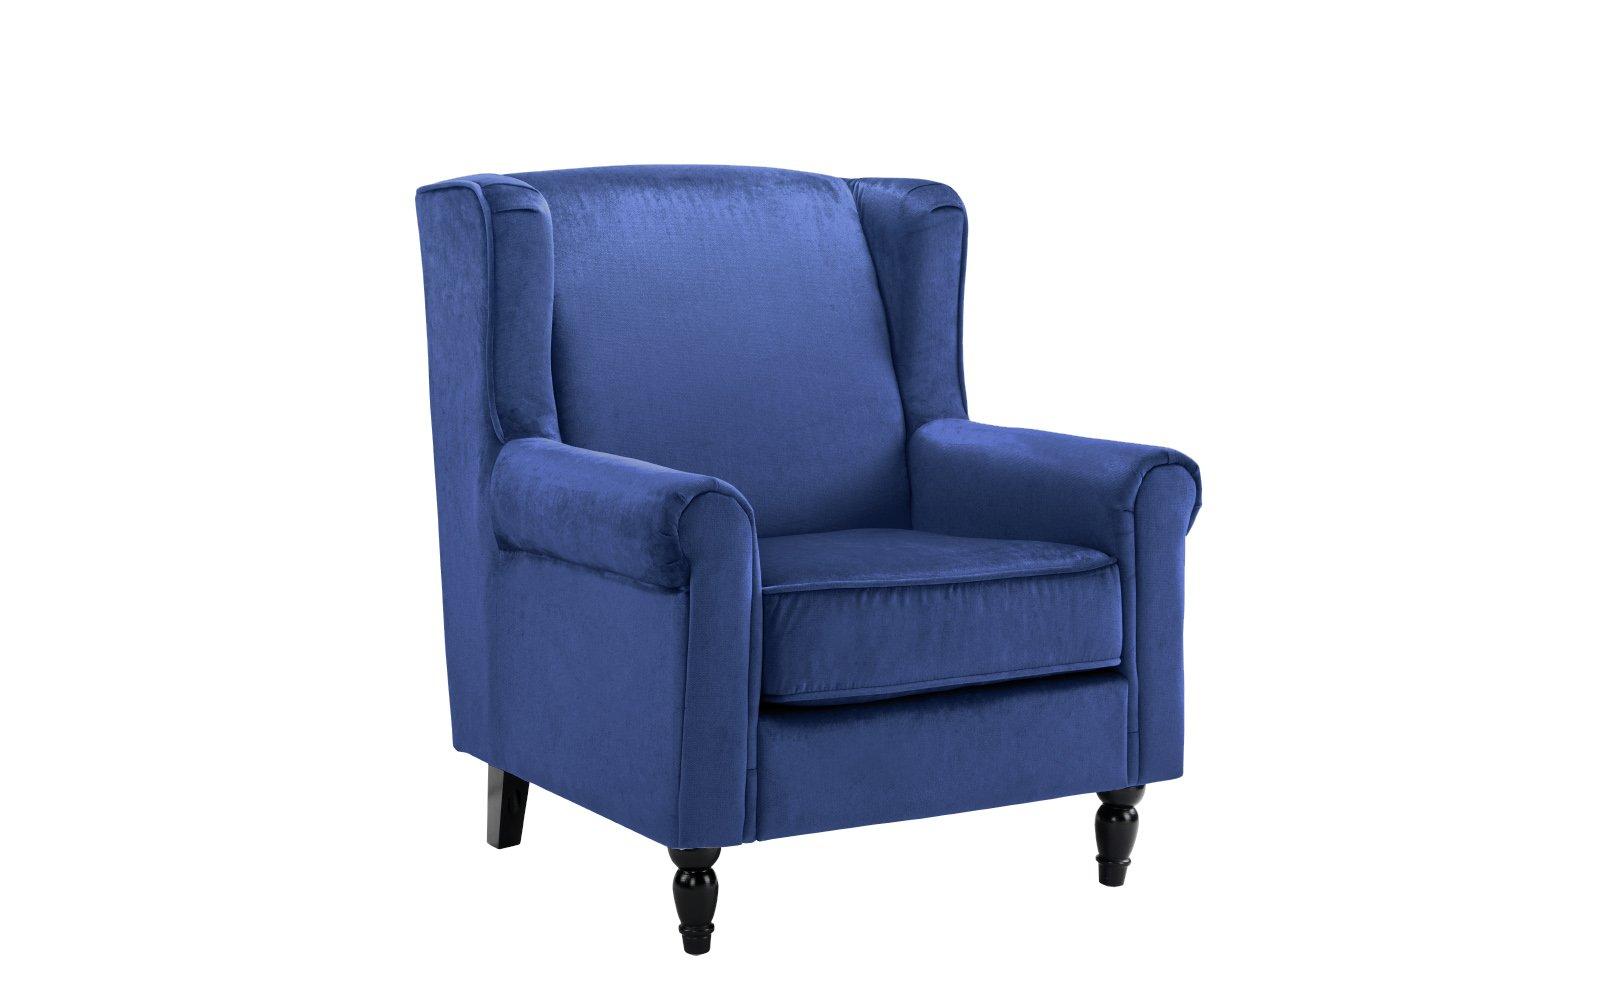 Navy Blue Modern Velvet Fabric Upholstered Arm Chair